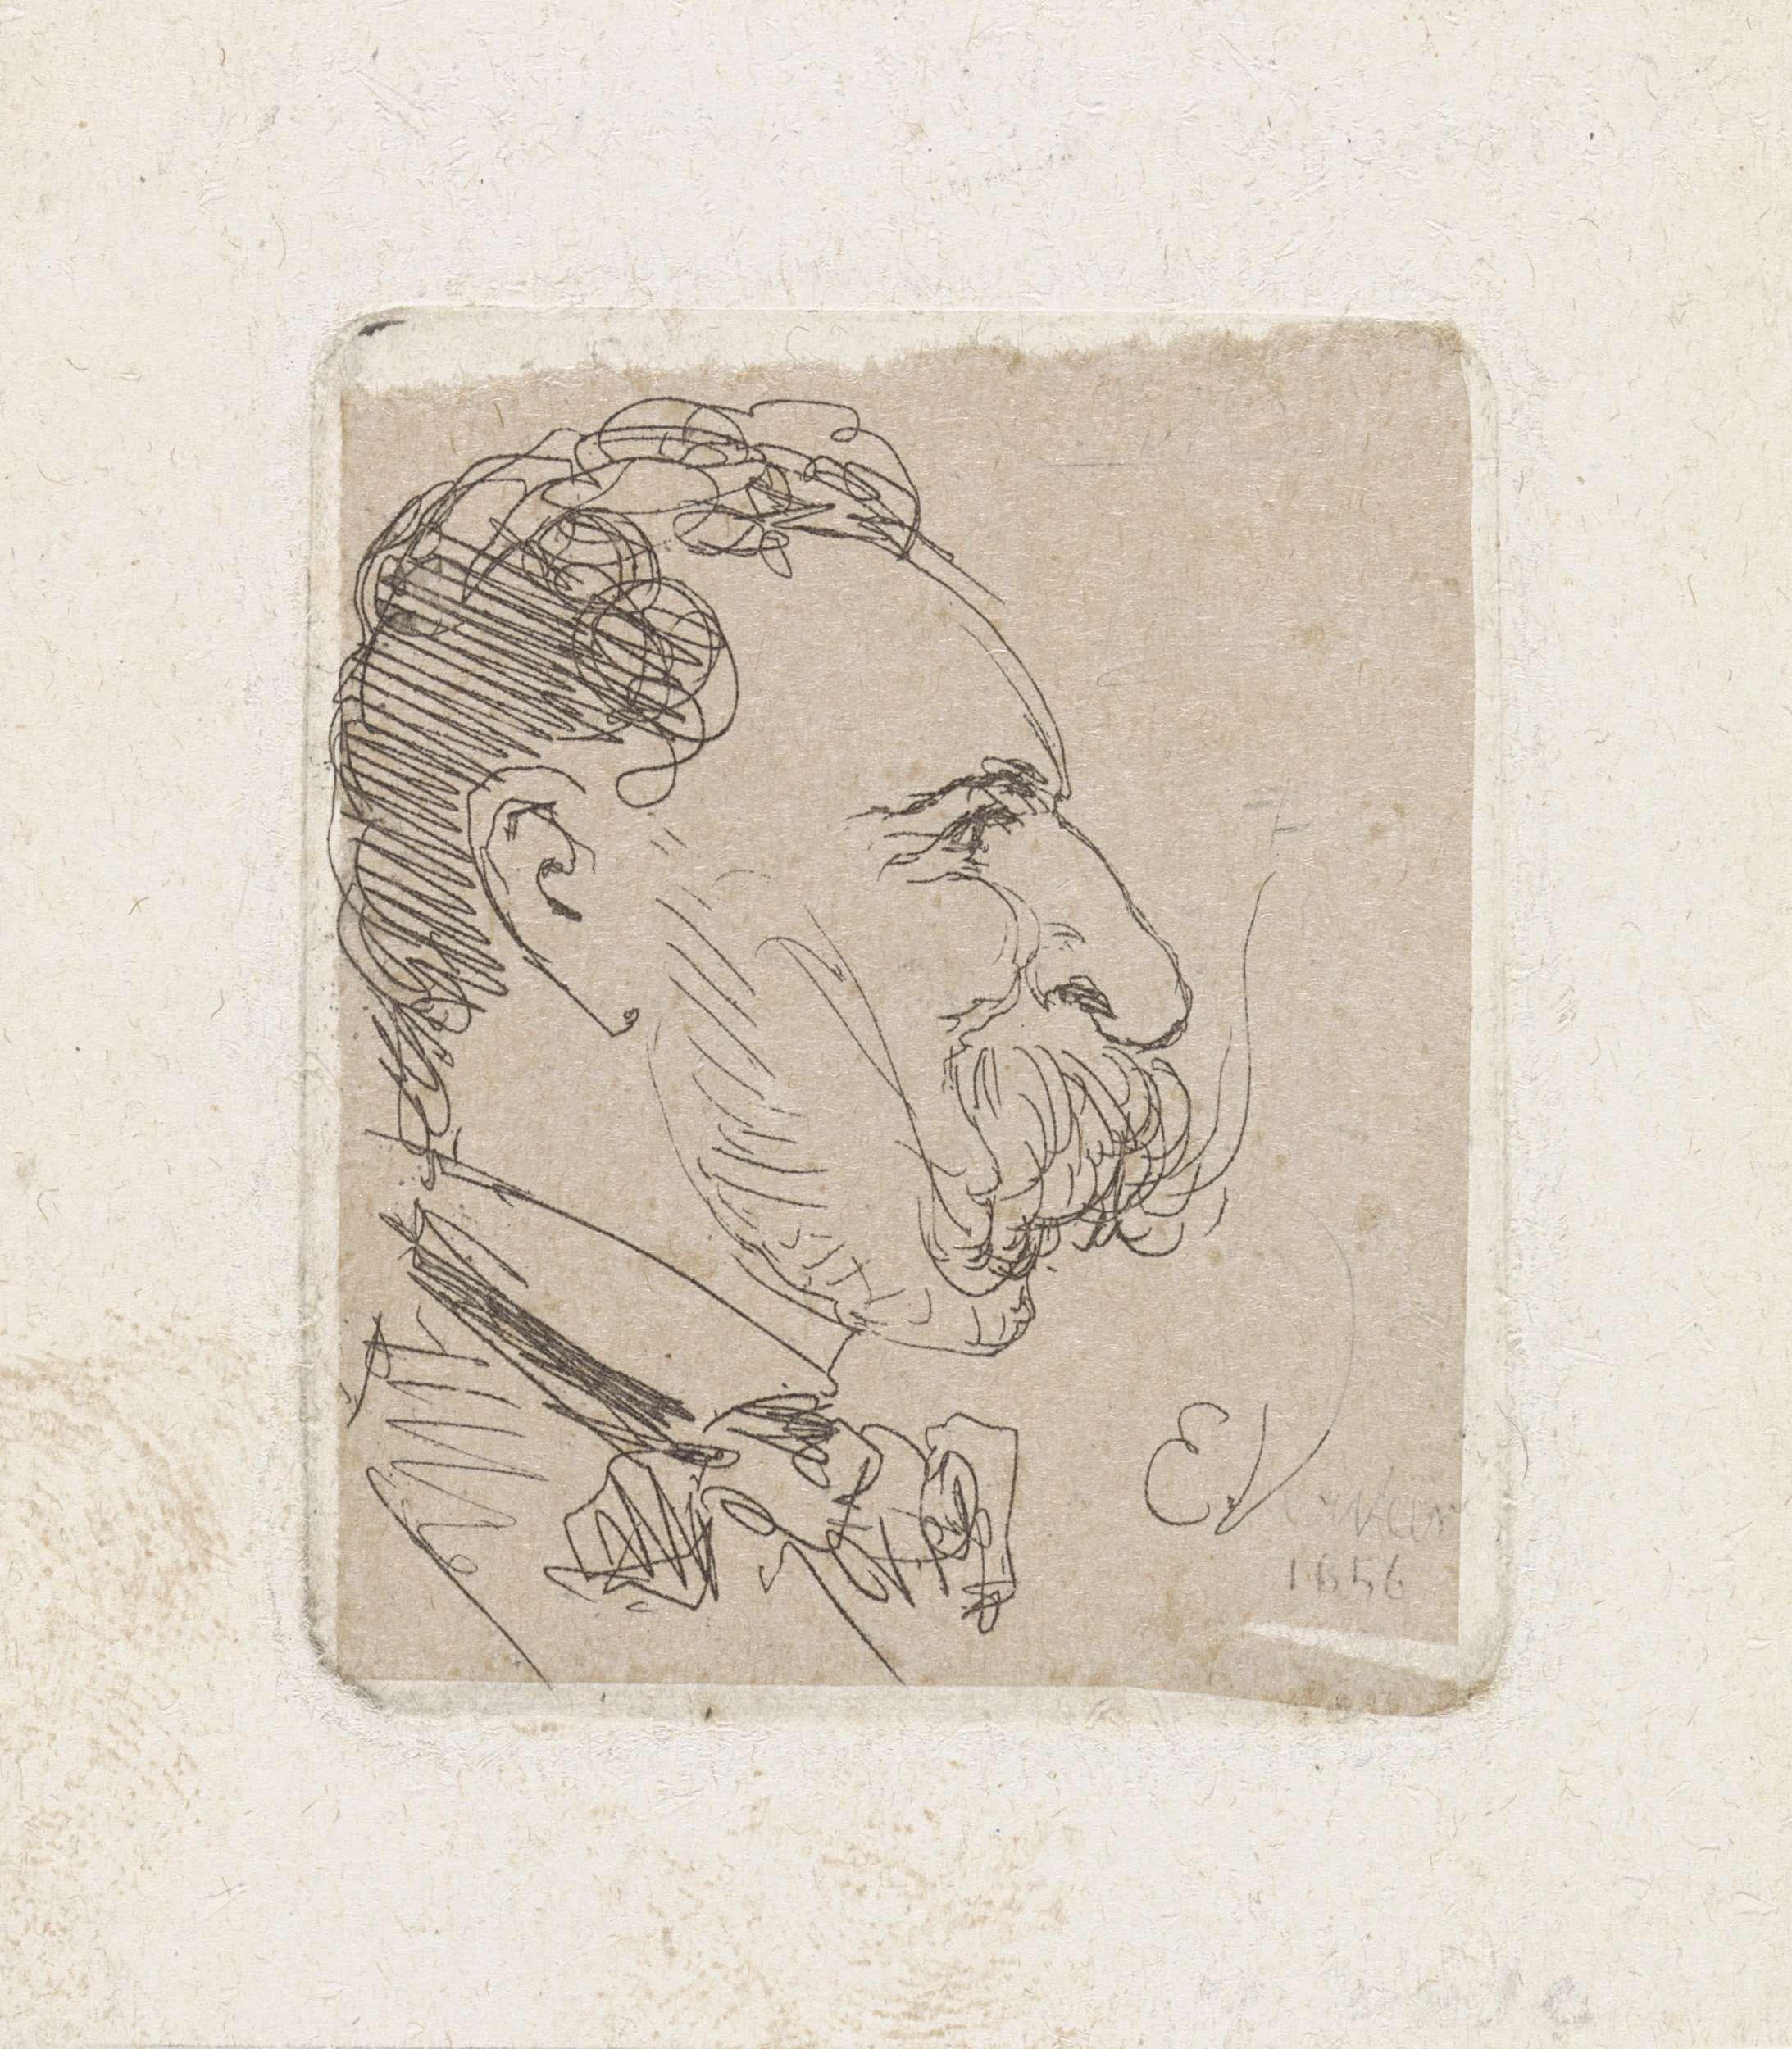 Elchanon Verveer | Portret van Elchanon Verveer, Elchanon Verveer, 1856 | Zelfportret naar rechts van de kunstenaar Elchanon Verveer.